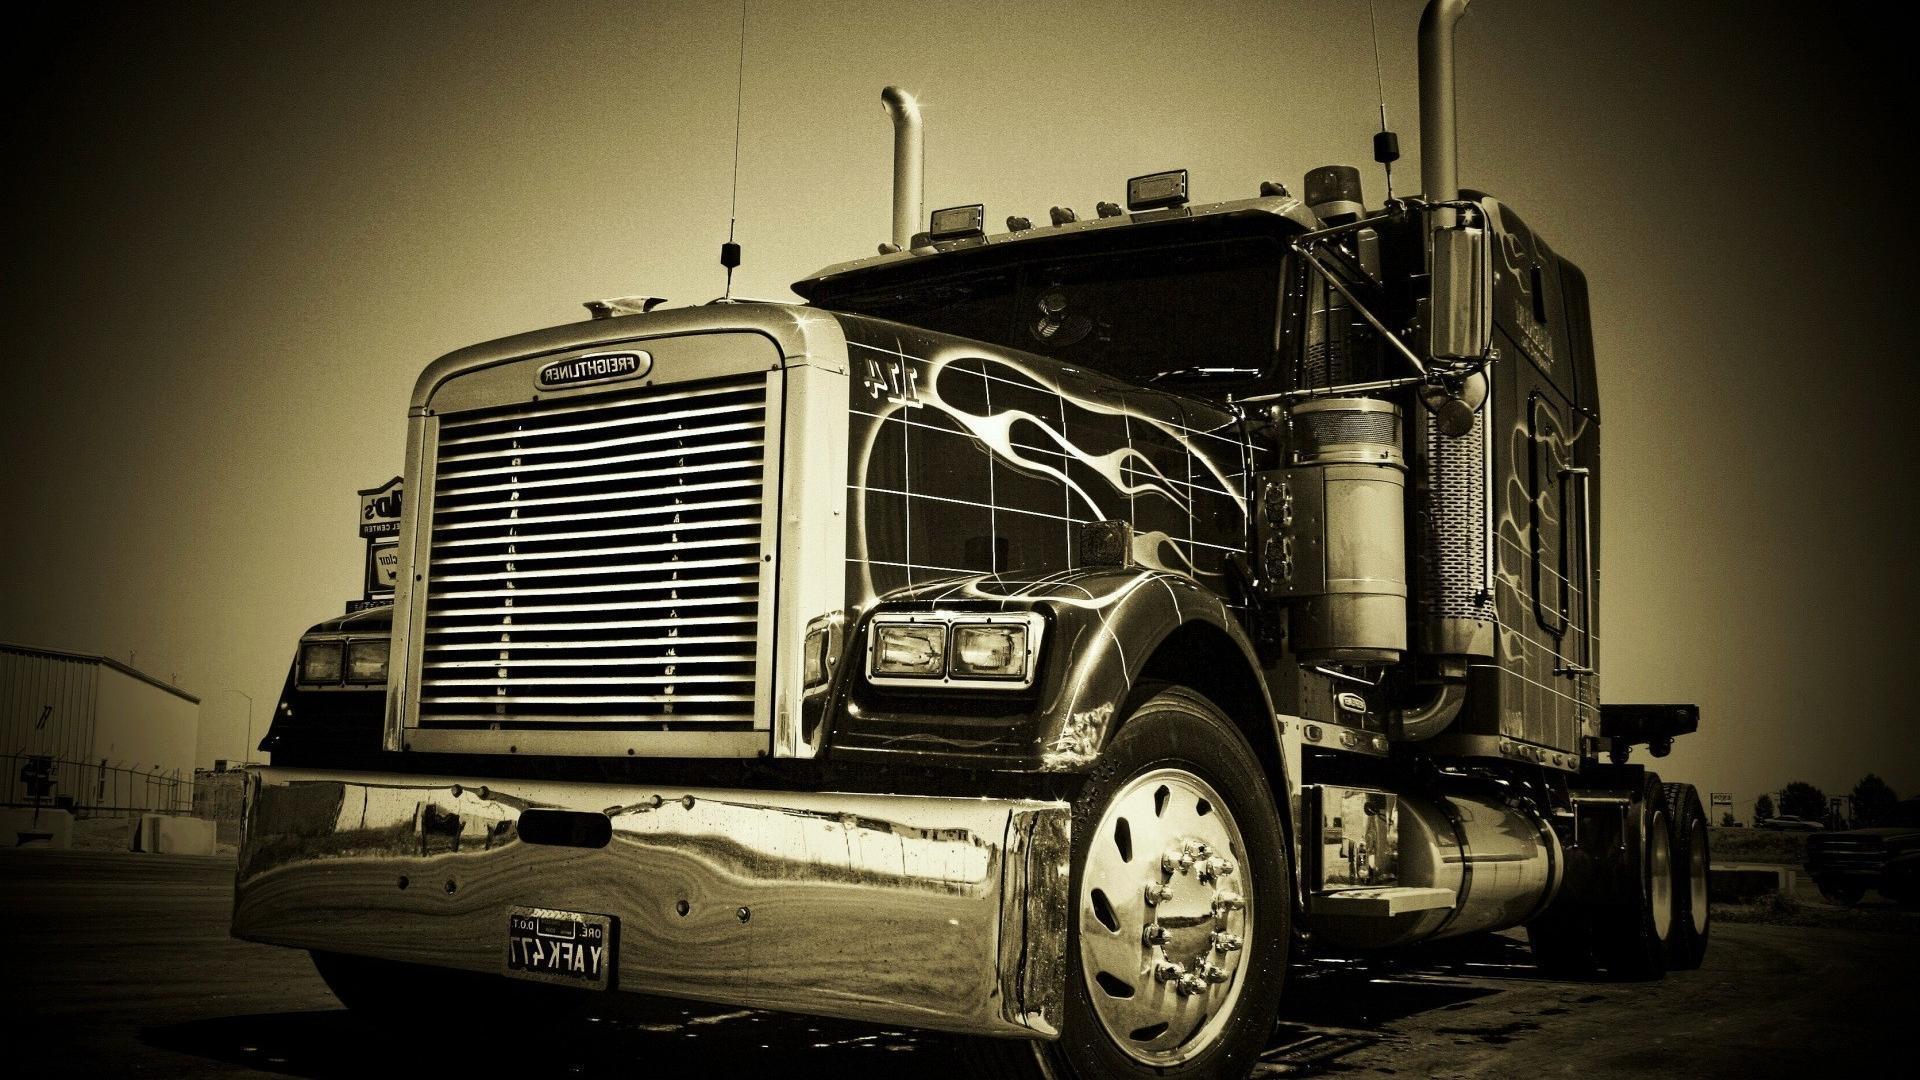 Mack Trucks Wallpapers >> Semi Wallpapers HD - WallpaperSafari